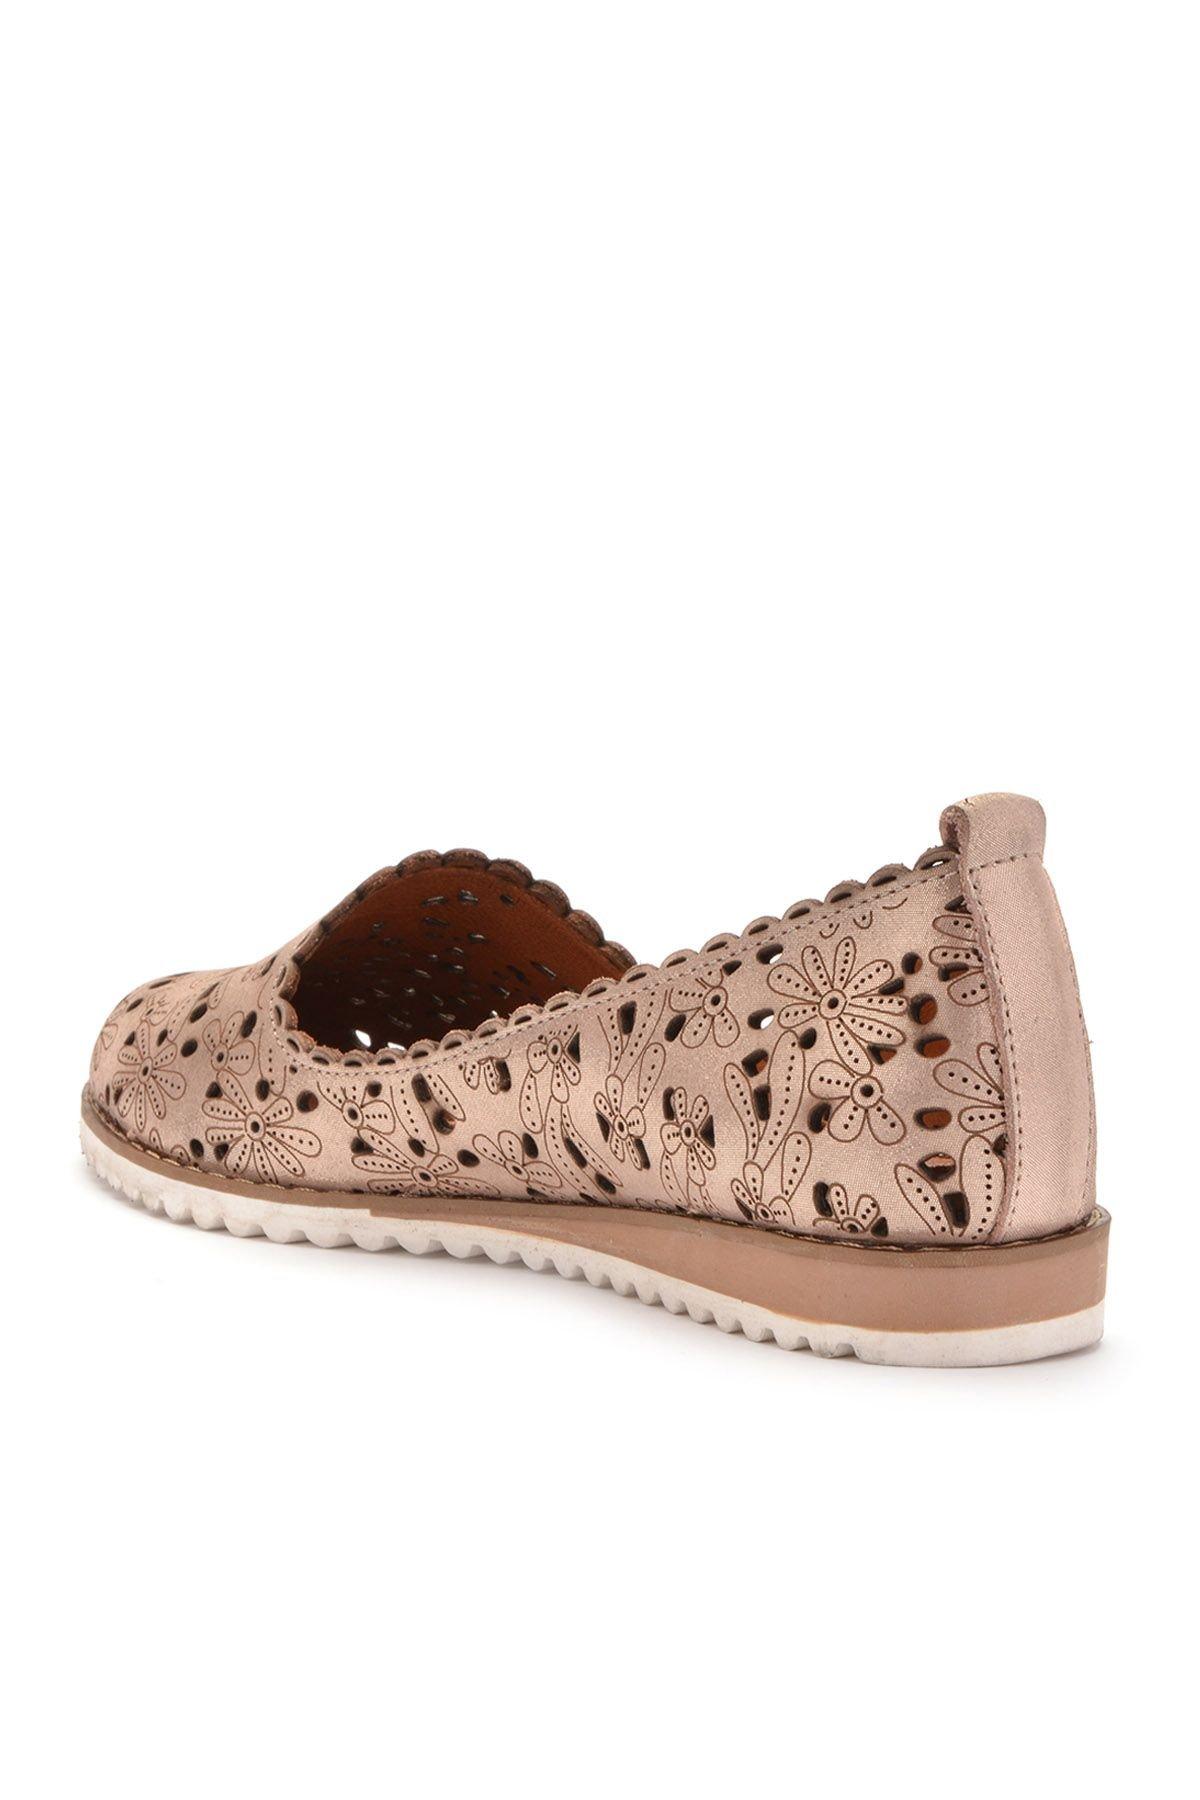 Pegia Открытая Женская Обувь Из Натуральной Кожи REC-141 Бронзовый